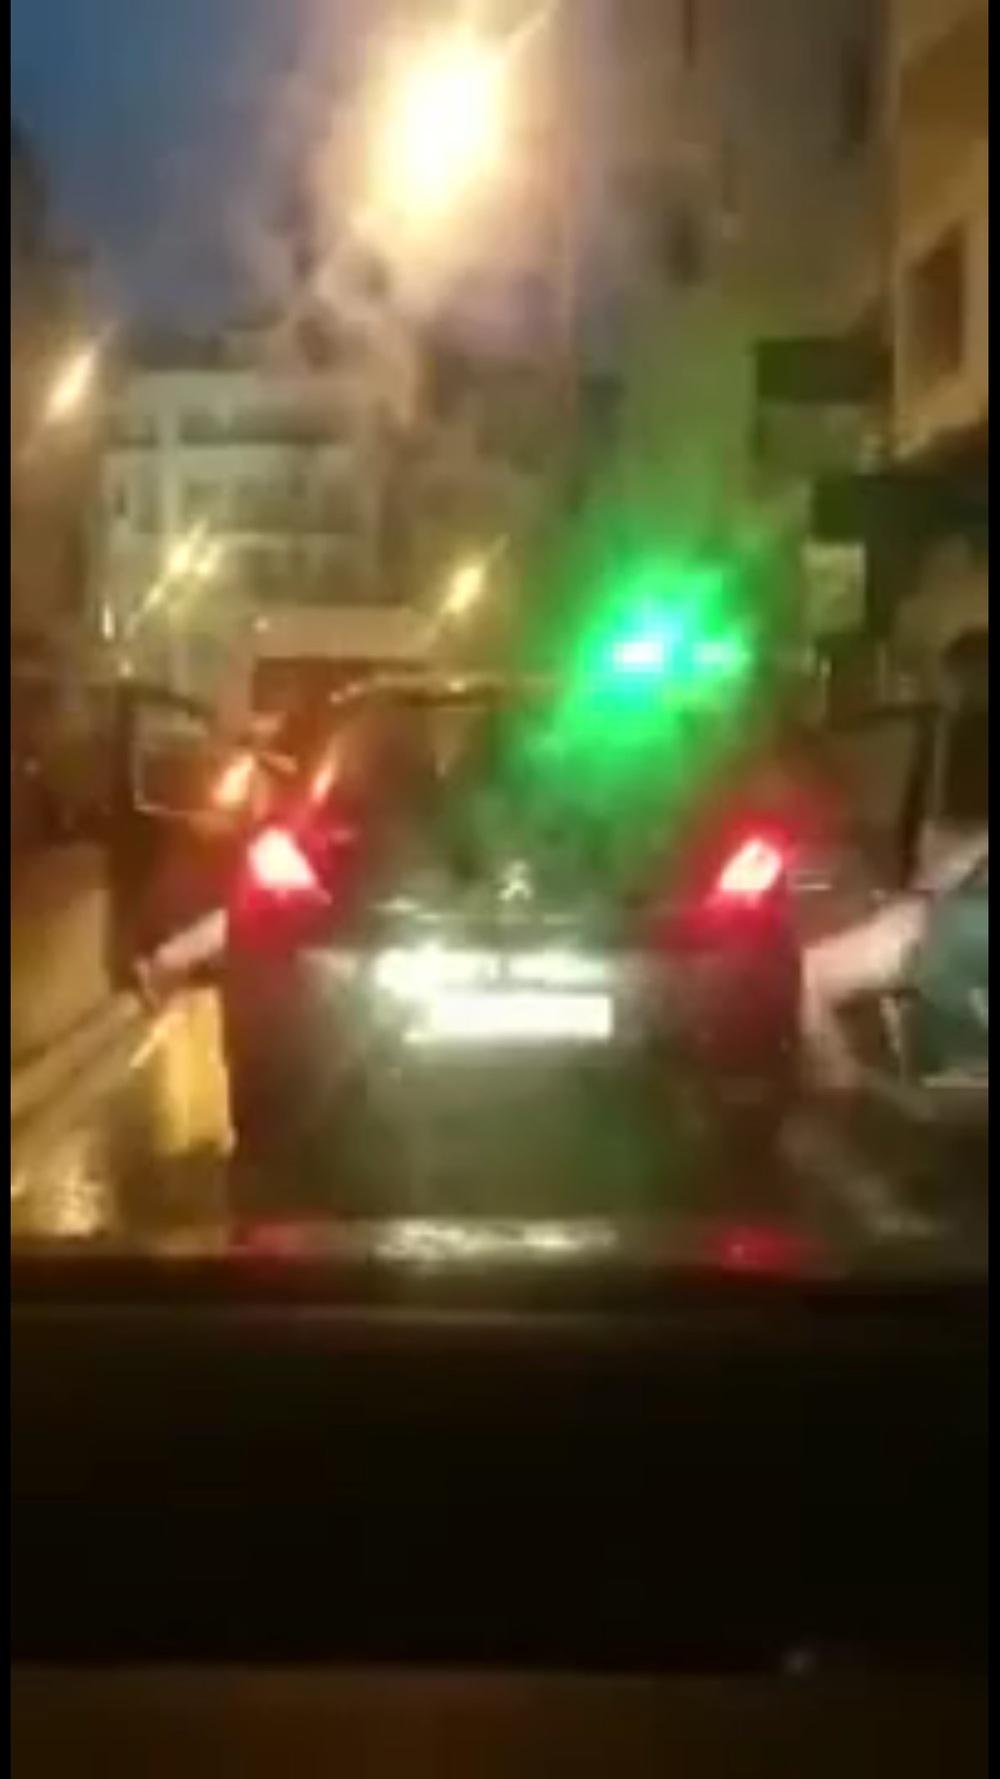 """صورة أثناء إنزال الفتاة العارية من سيارة """"بوجو 308"""" بالقرب من مقهى """"كلاردج""""."""